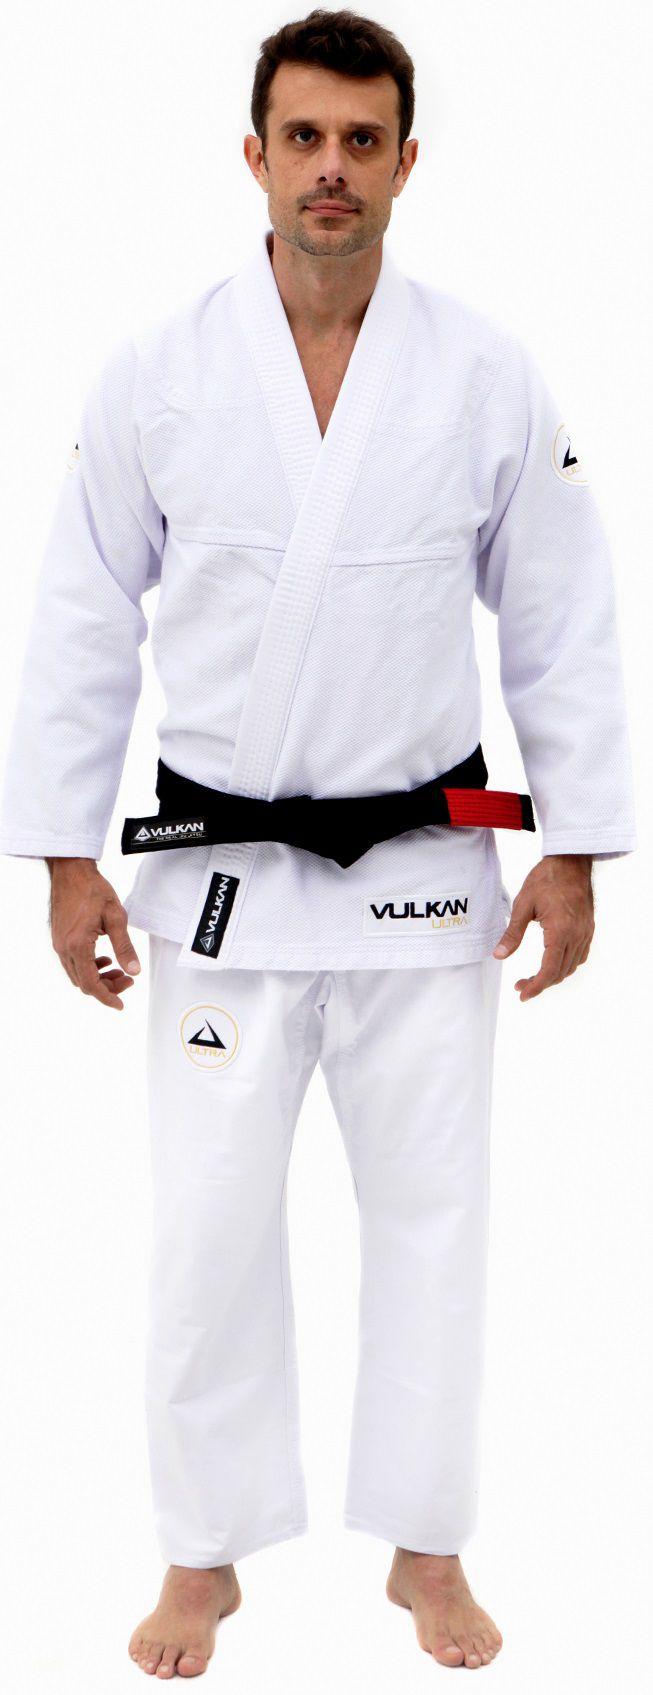 Kimono Vulkan Para Jiu-jitsu Profissional Adulto Masculino - NEO ULTRA LIGHT BRANCO